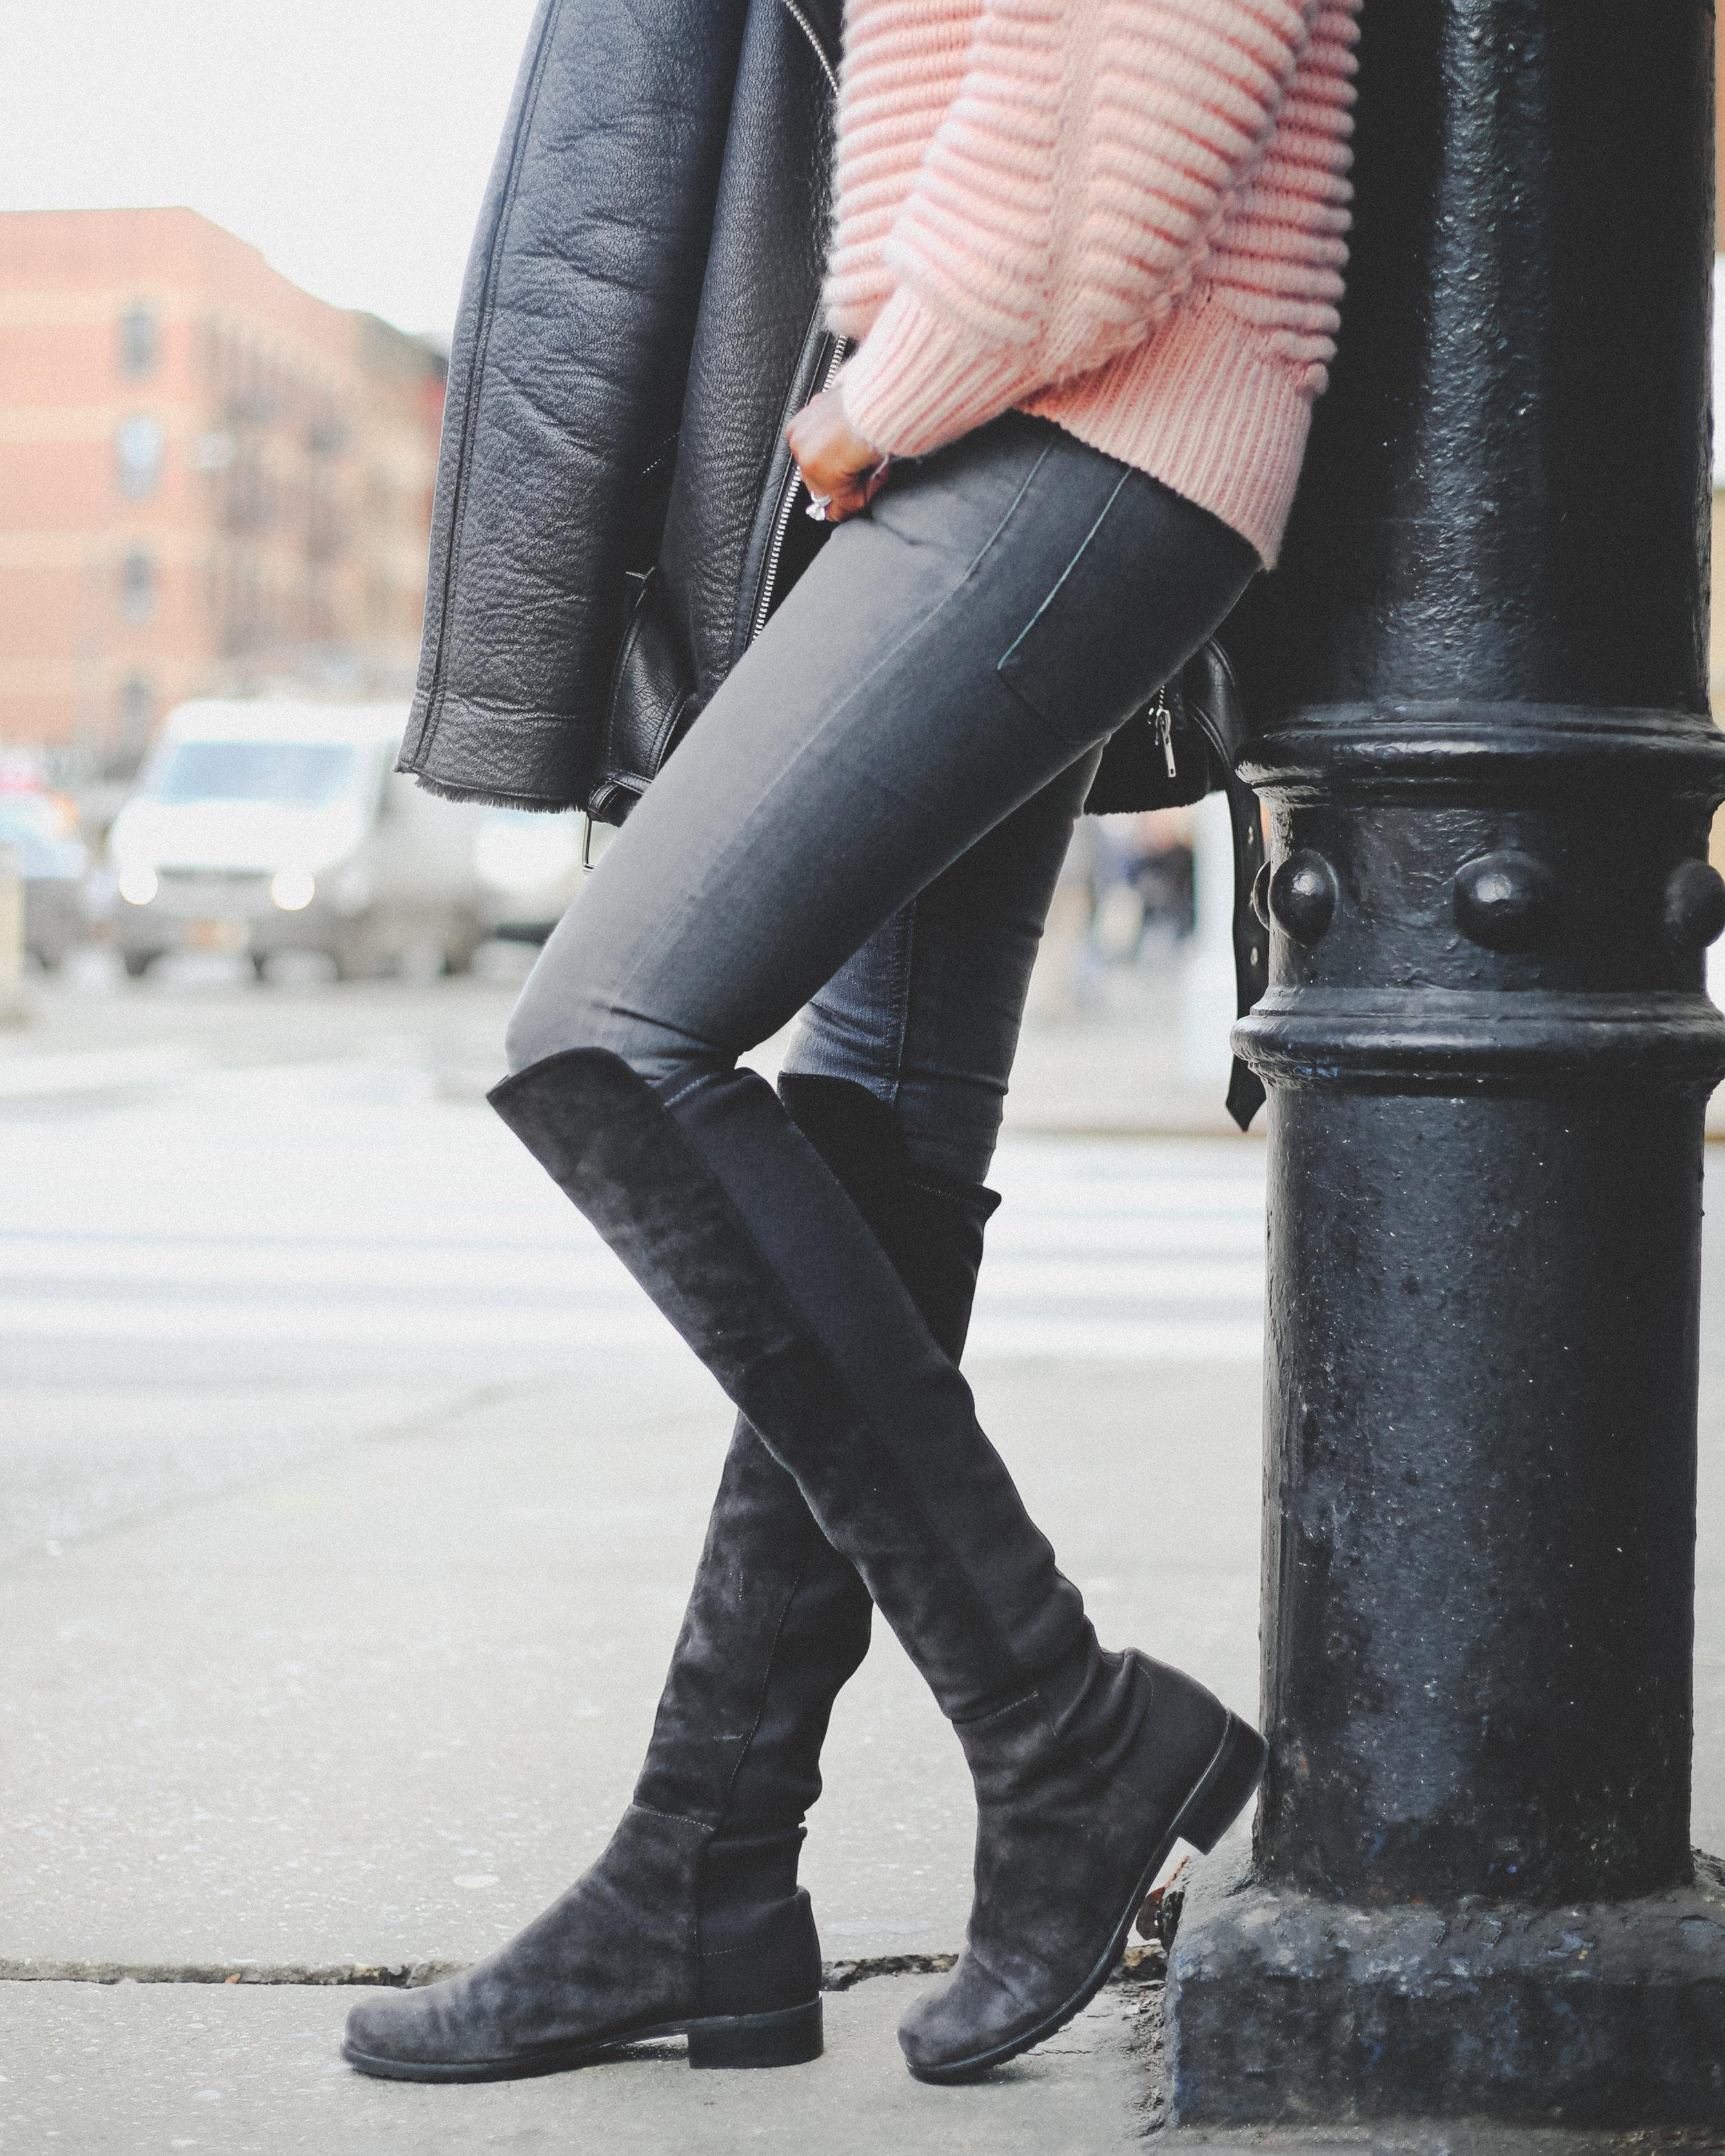 Krys modeling fall attire leaning against a street pole.